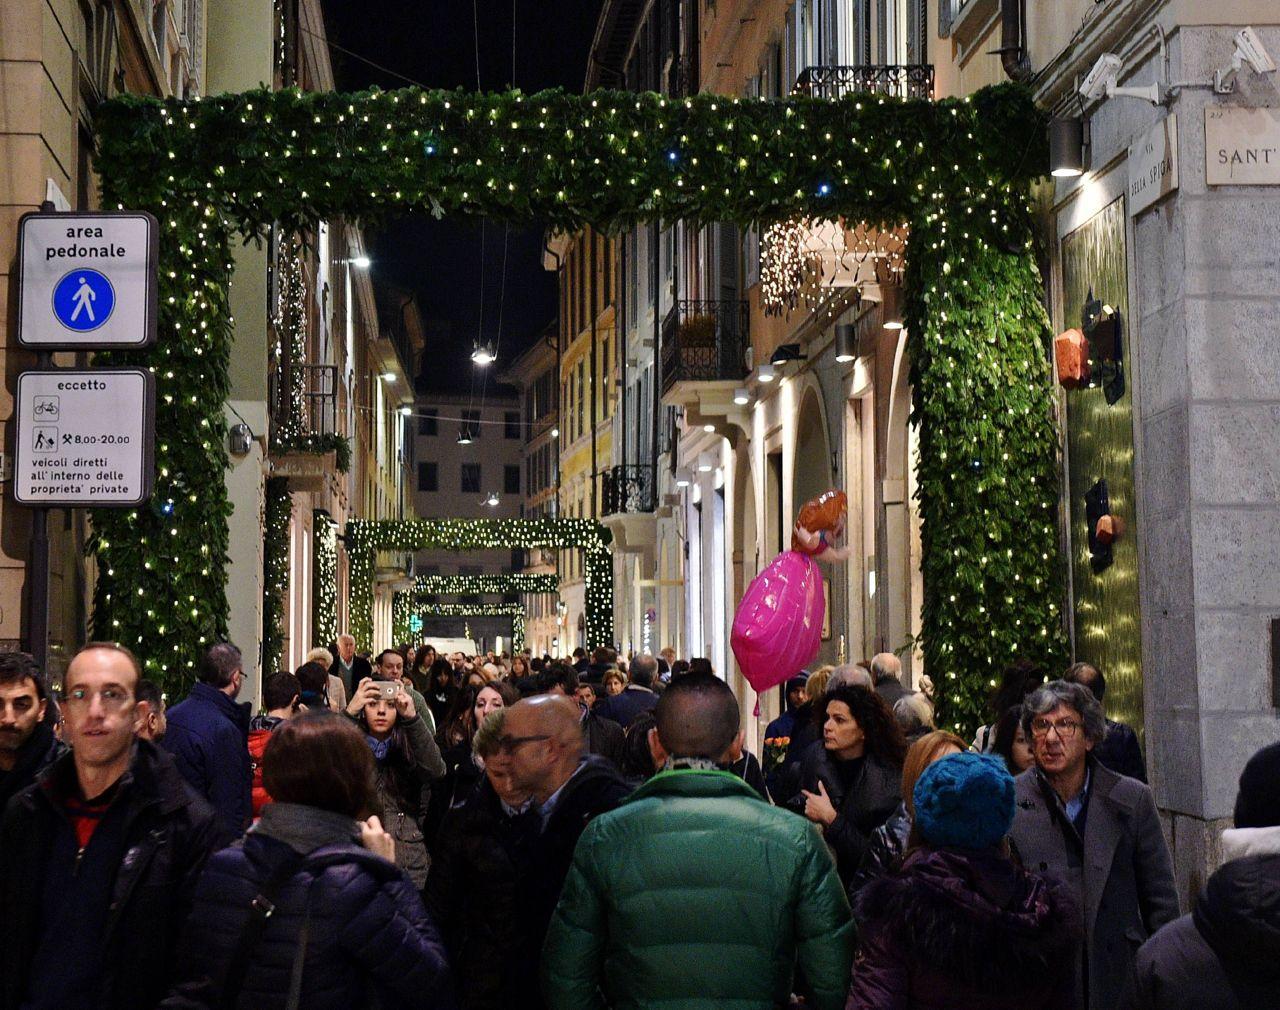 L'addobbo natalizio di via Spiga (corriere.it)